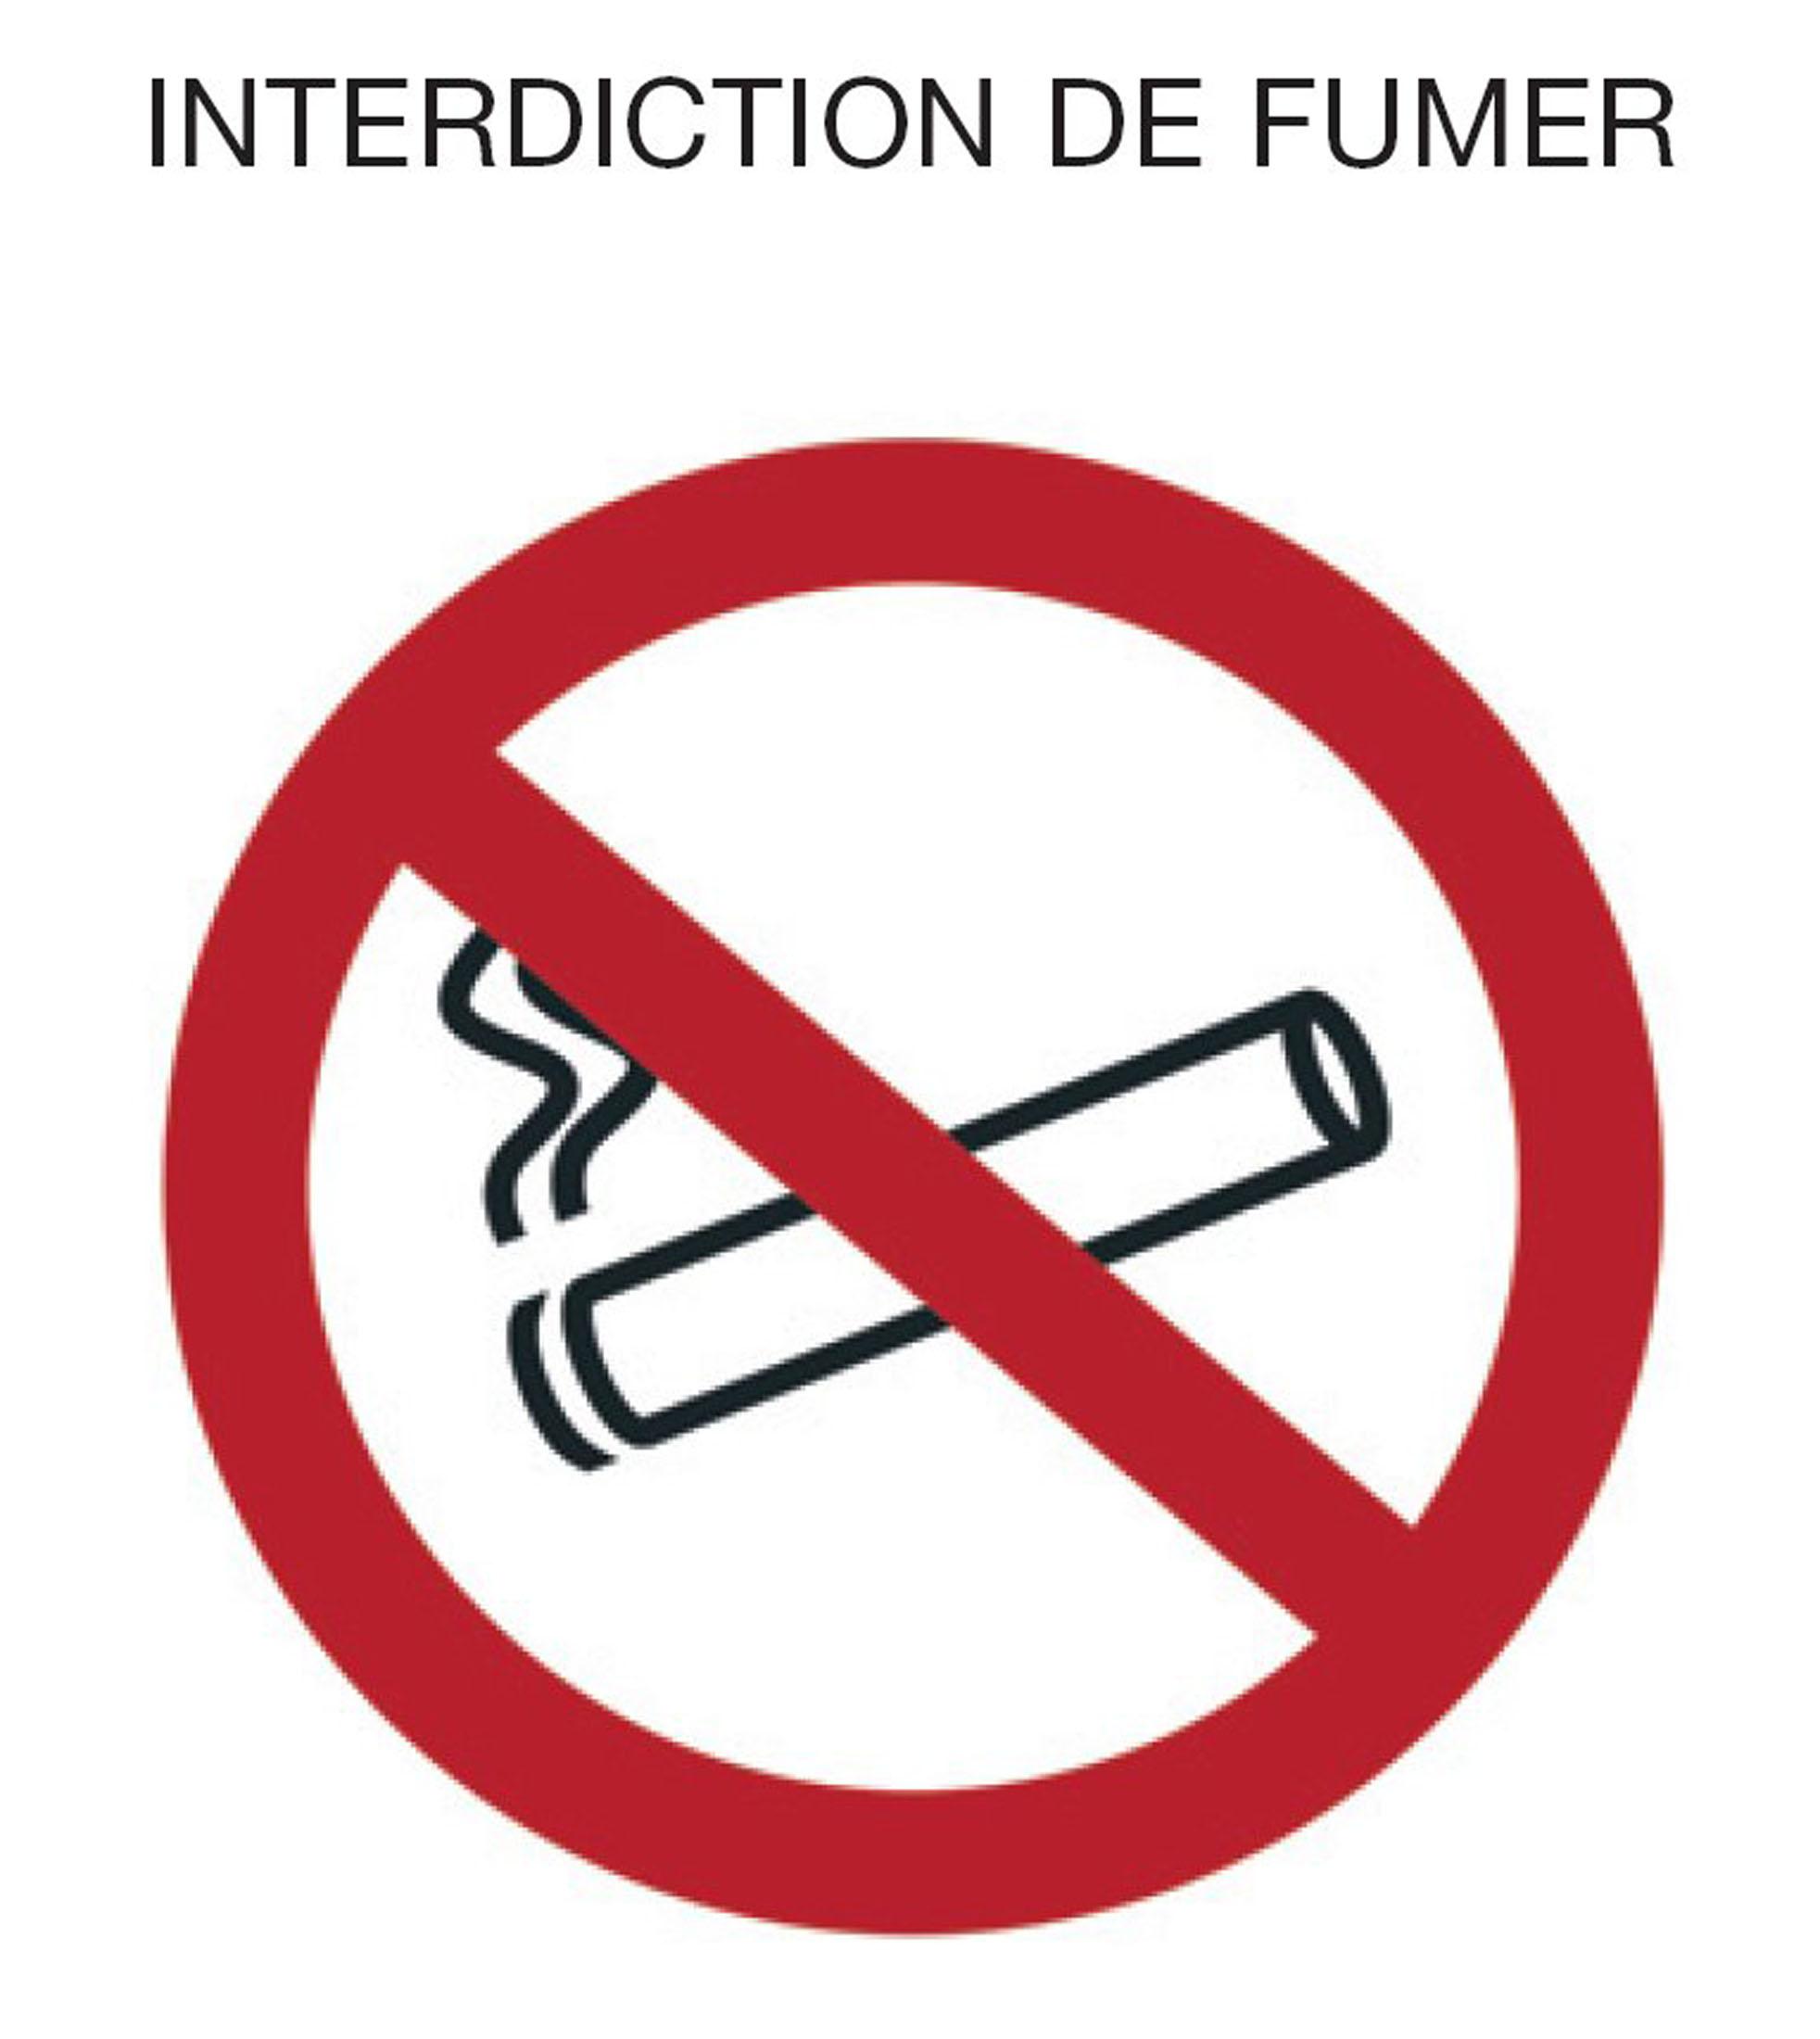 Le traitement du fumer à inférieur novgorode